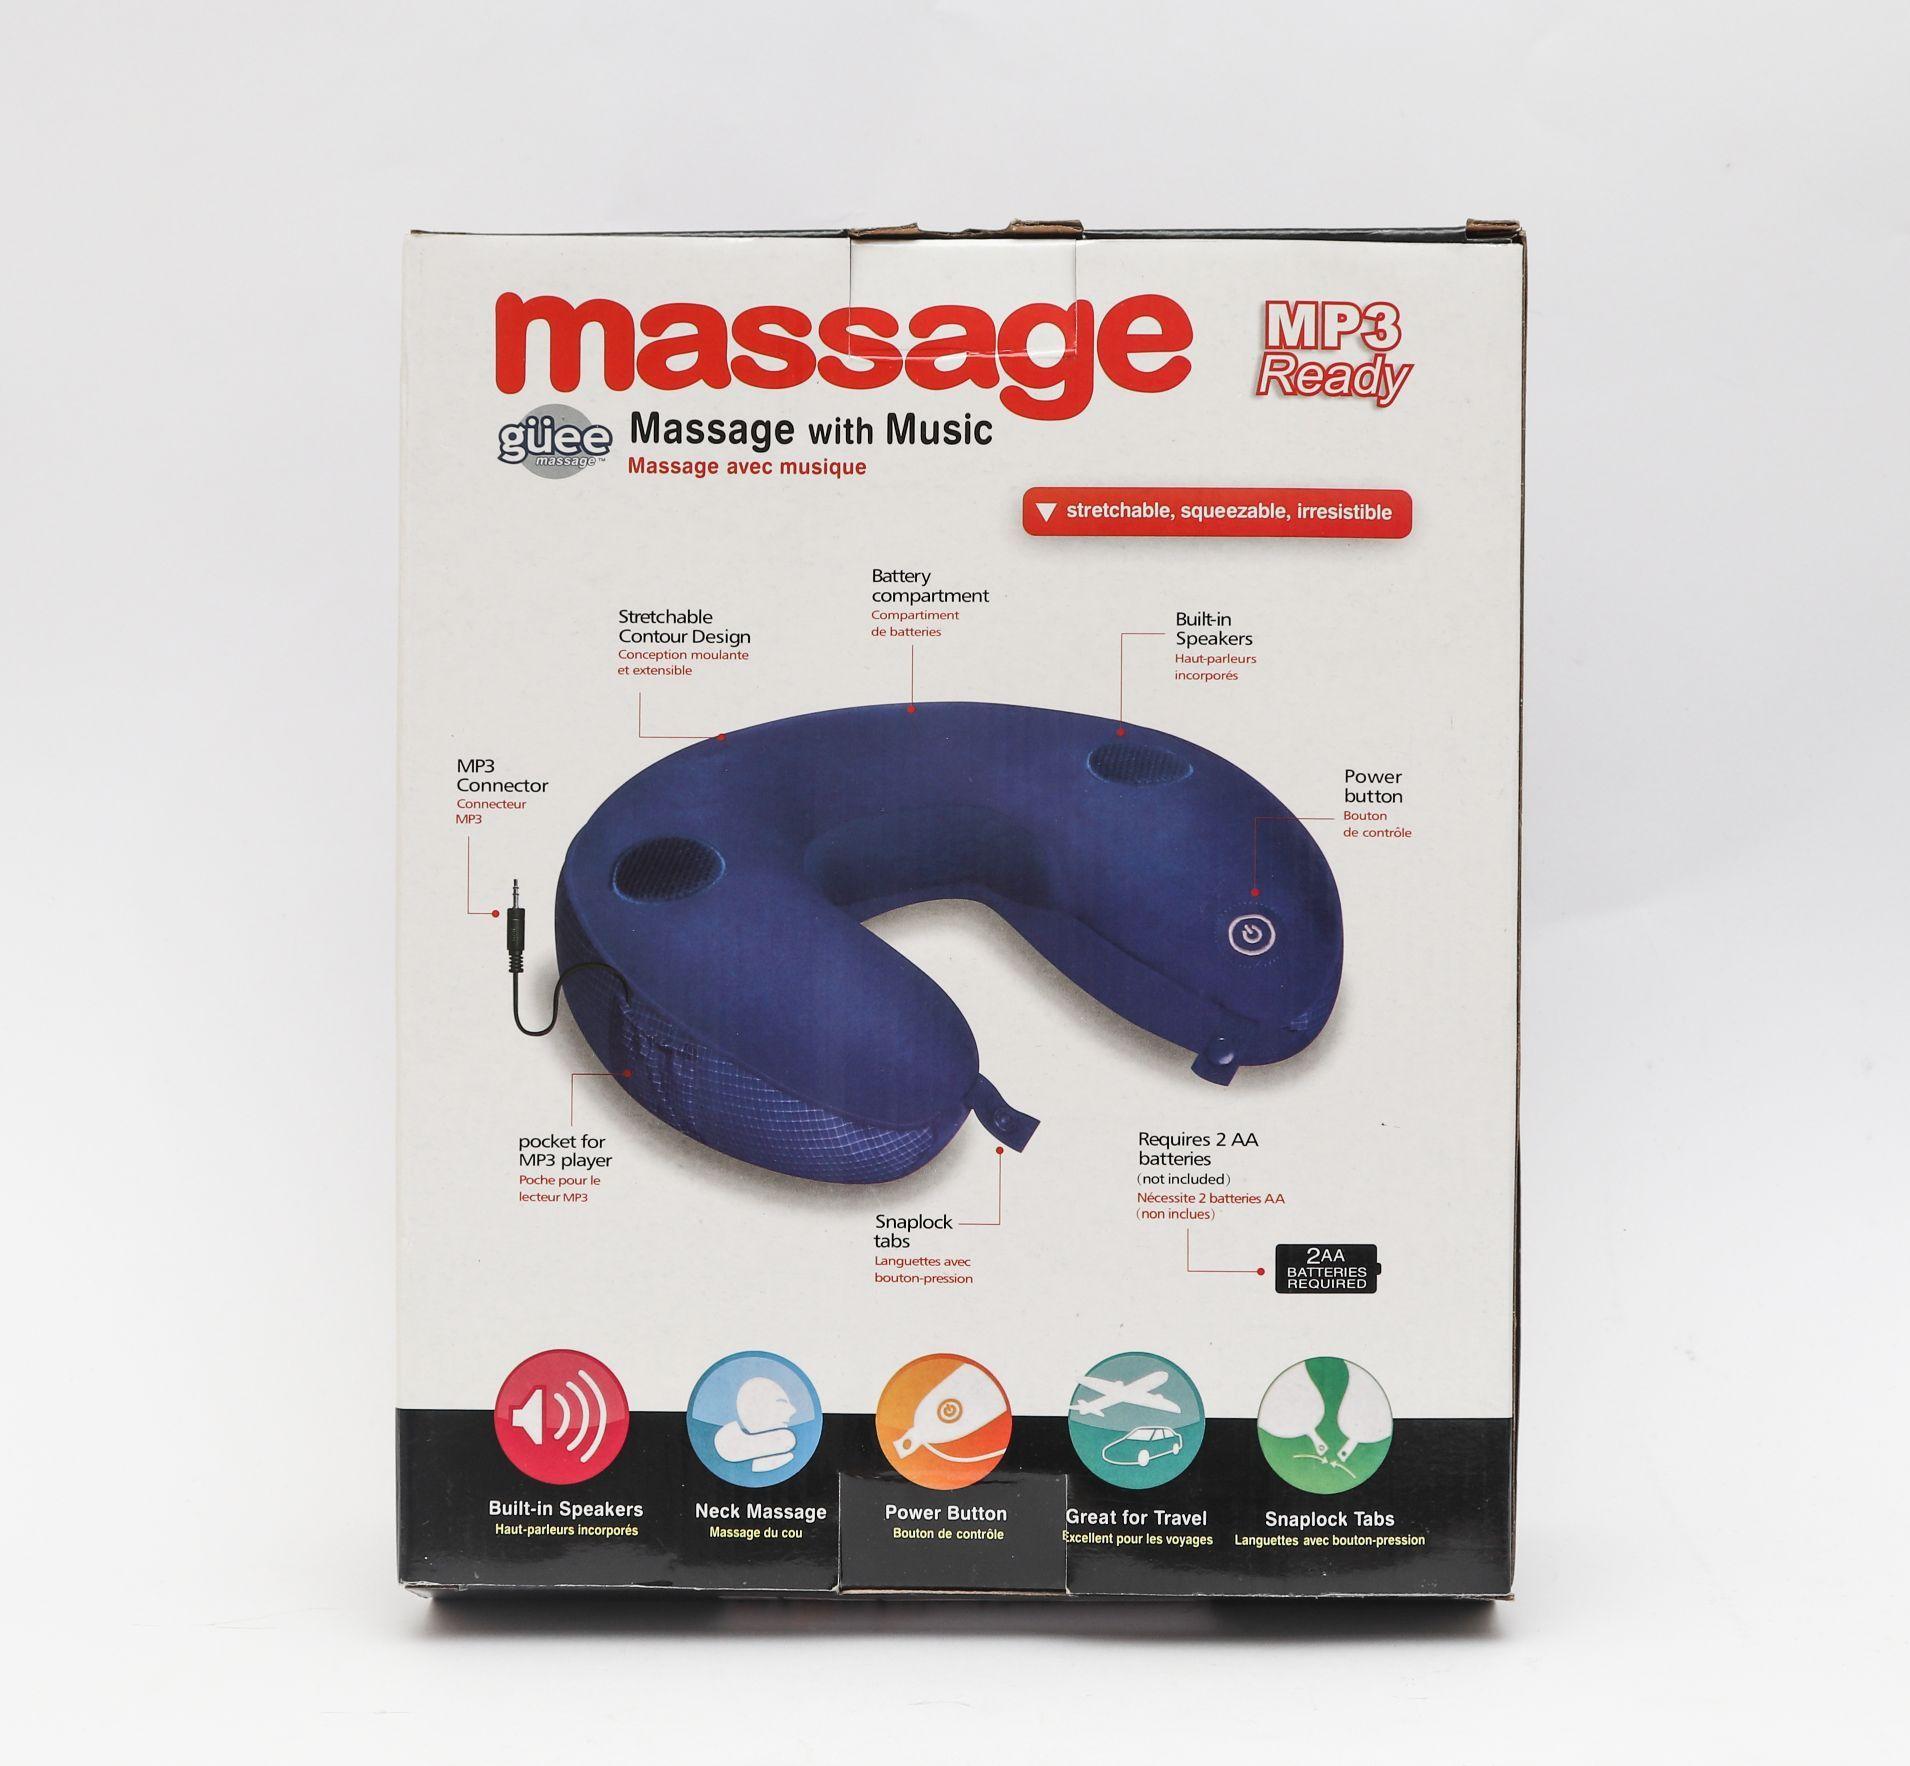 وسادة للرقبة Massage Guee بسعر 195ج بدل من 270ج Neck Massage Travel Pillow Built In Speakers